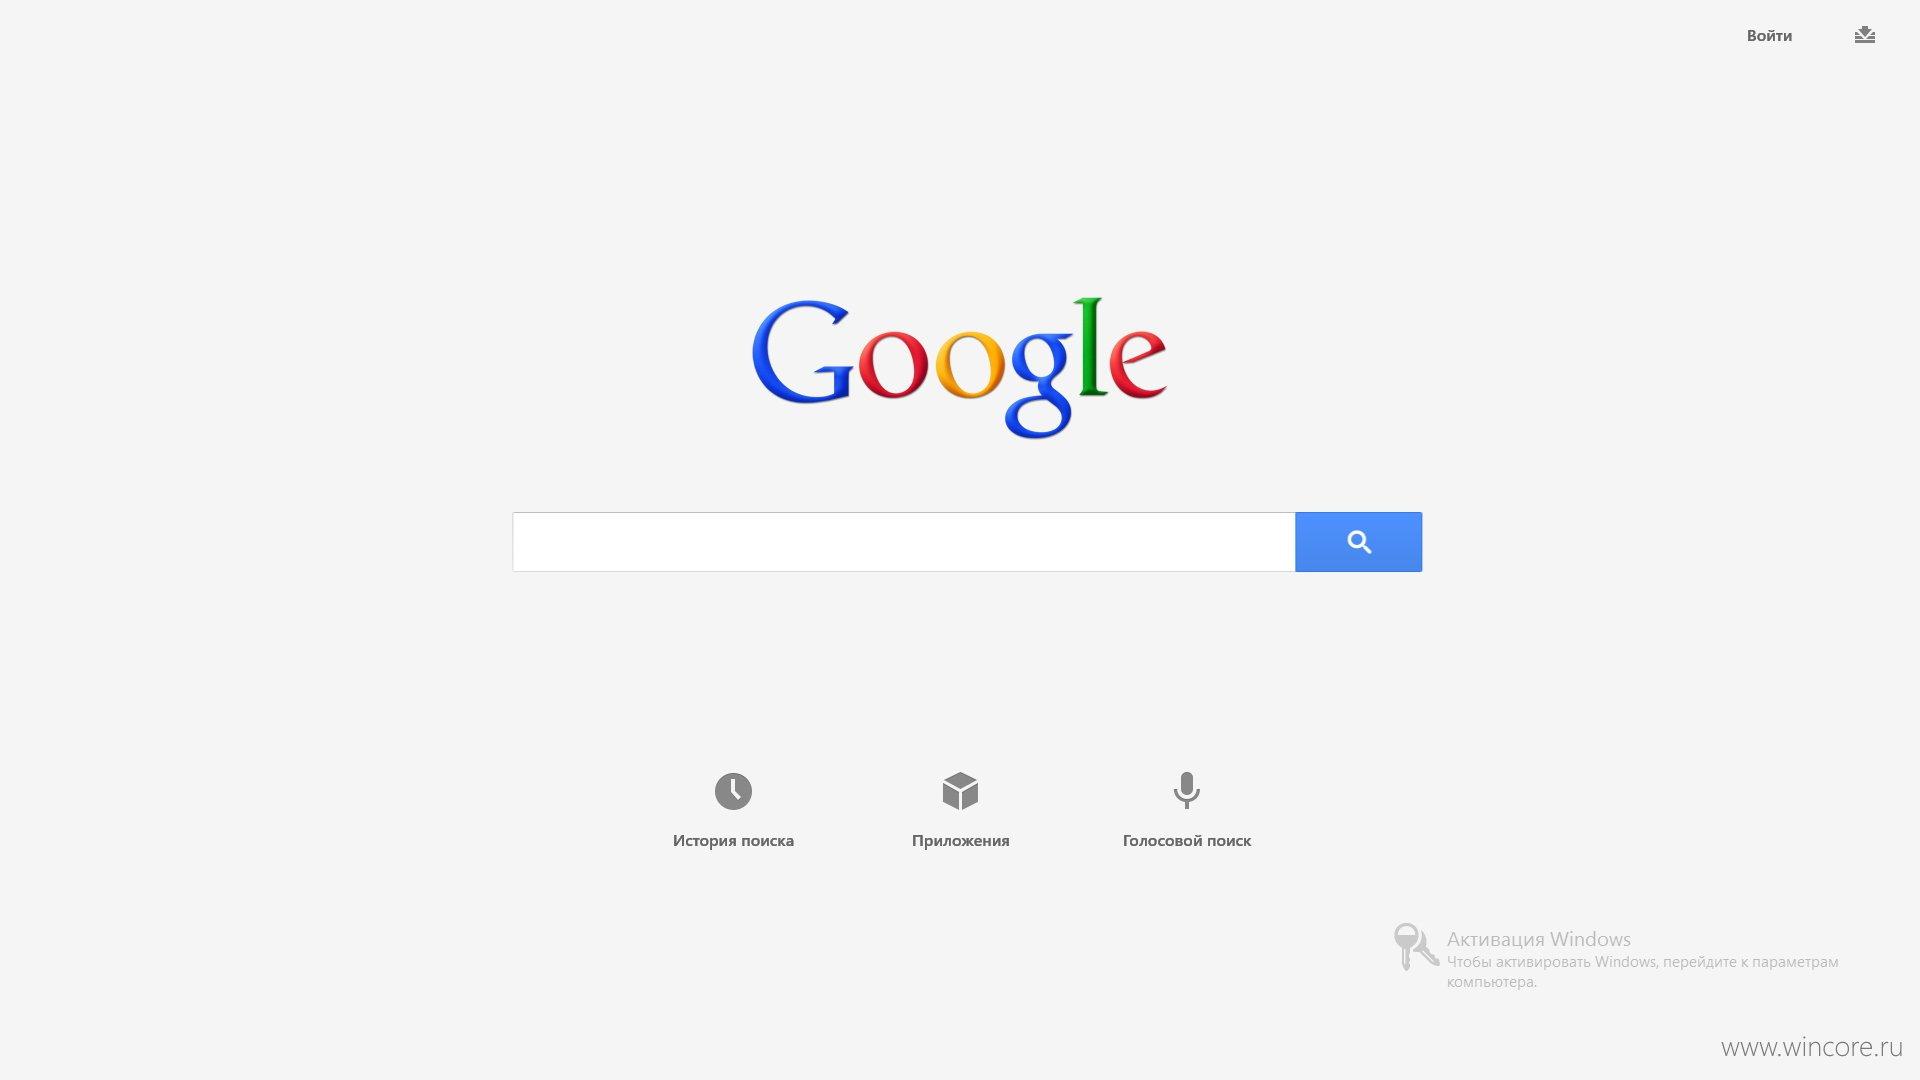 гугл найти по фотографии